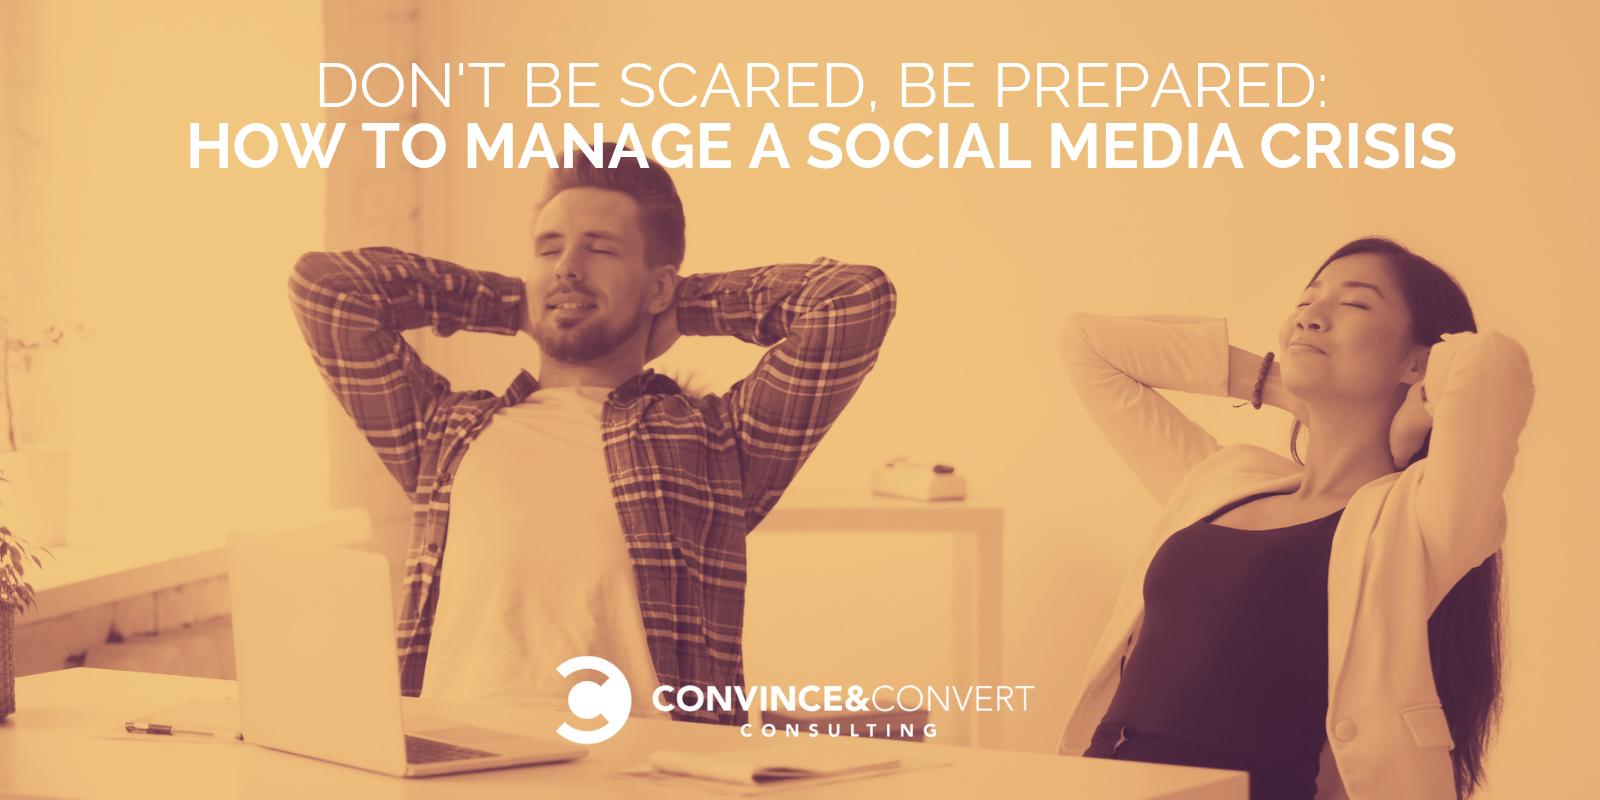 come gestire una crisi sui social media